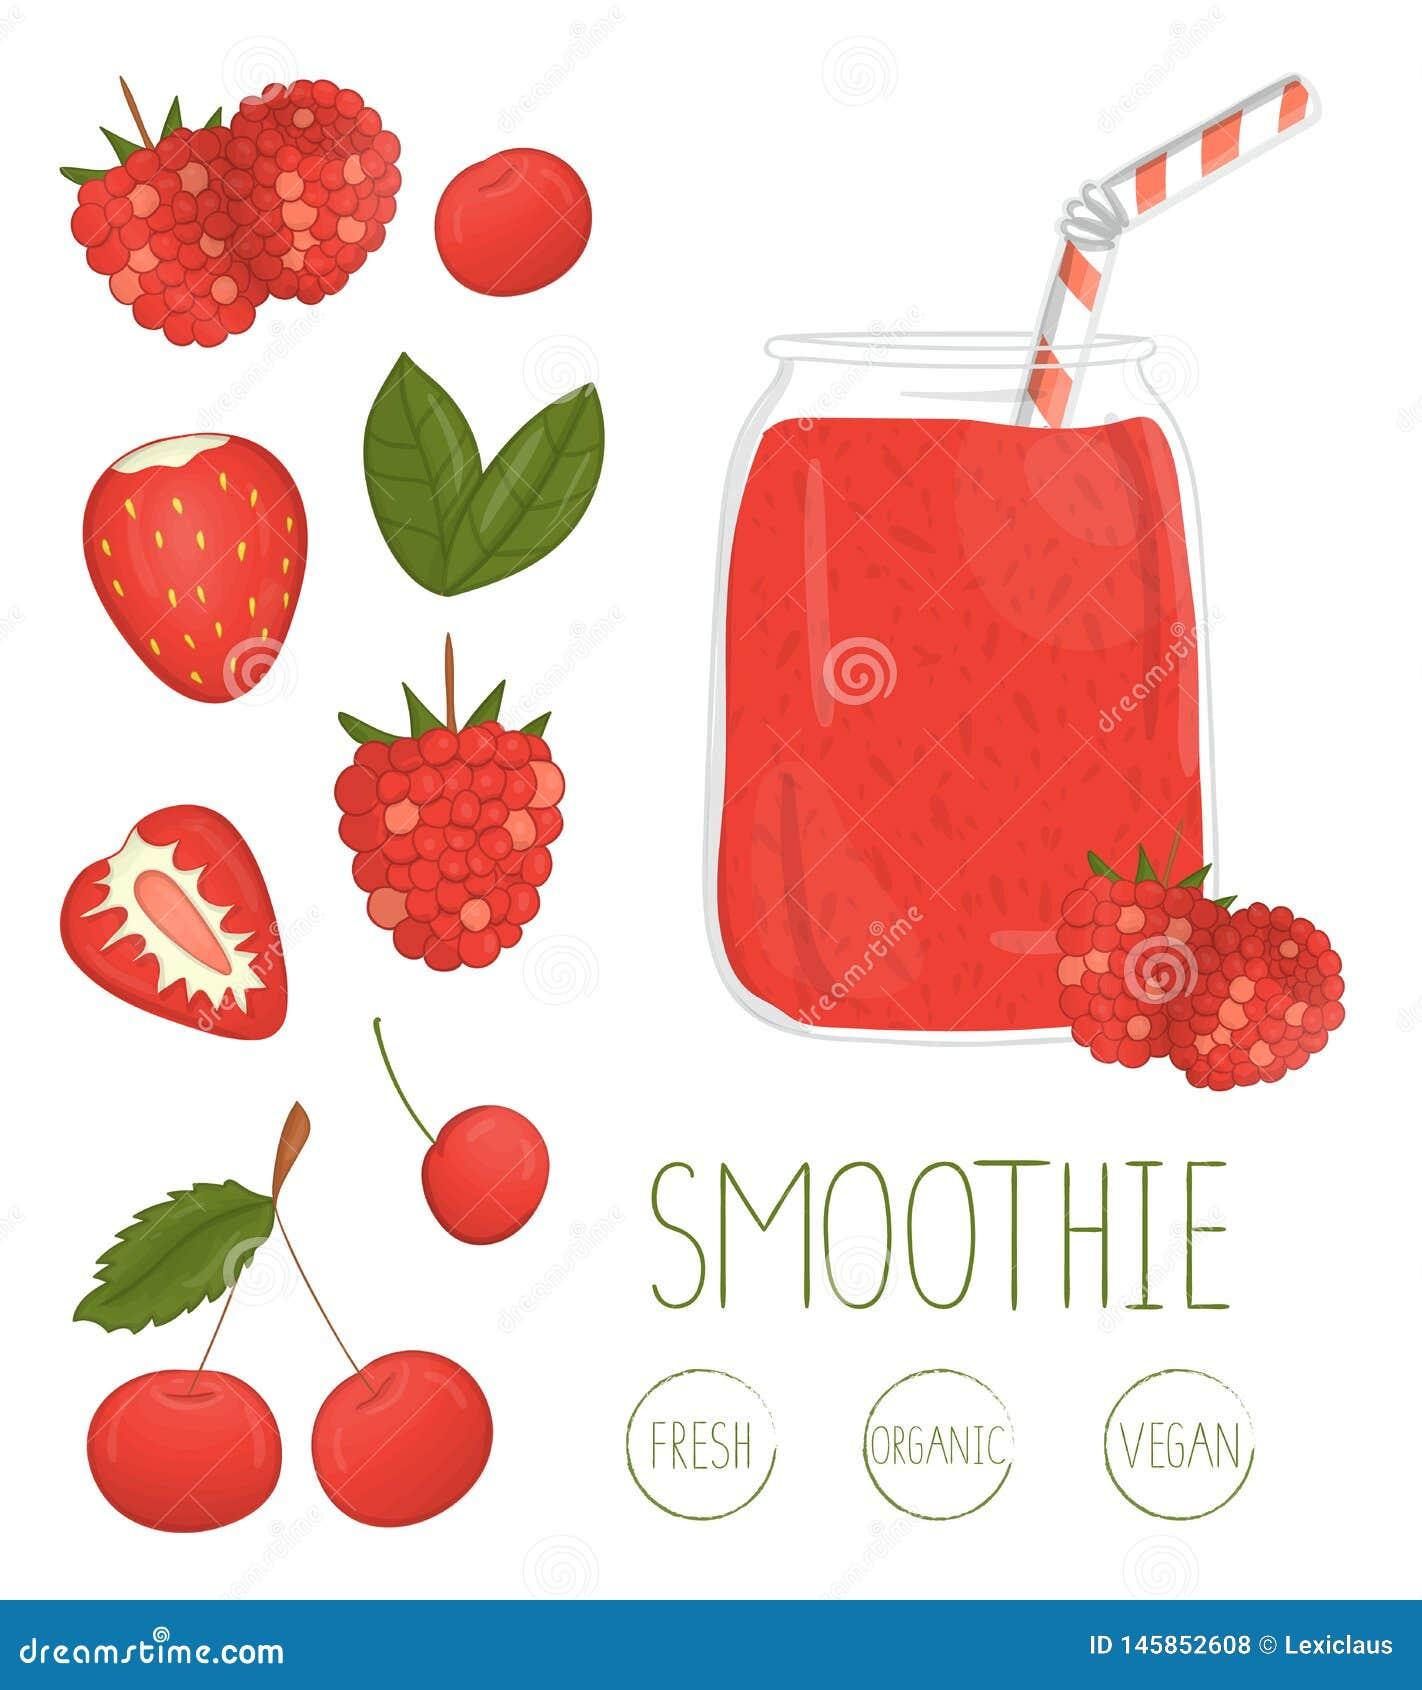 Vectorillustratie van rode bes smoothie in een glaskruik